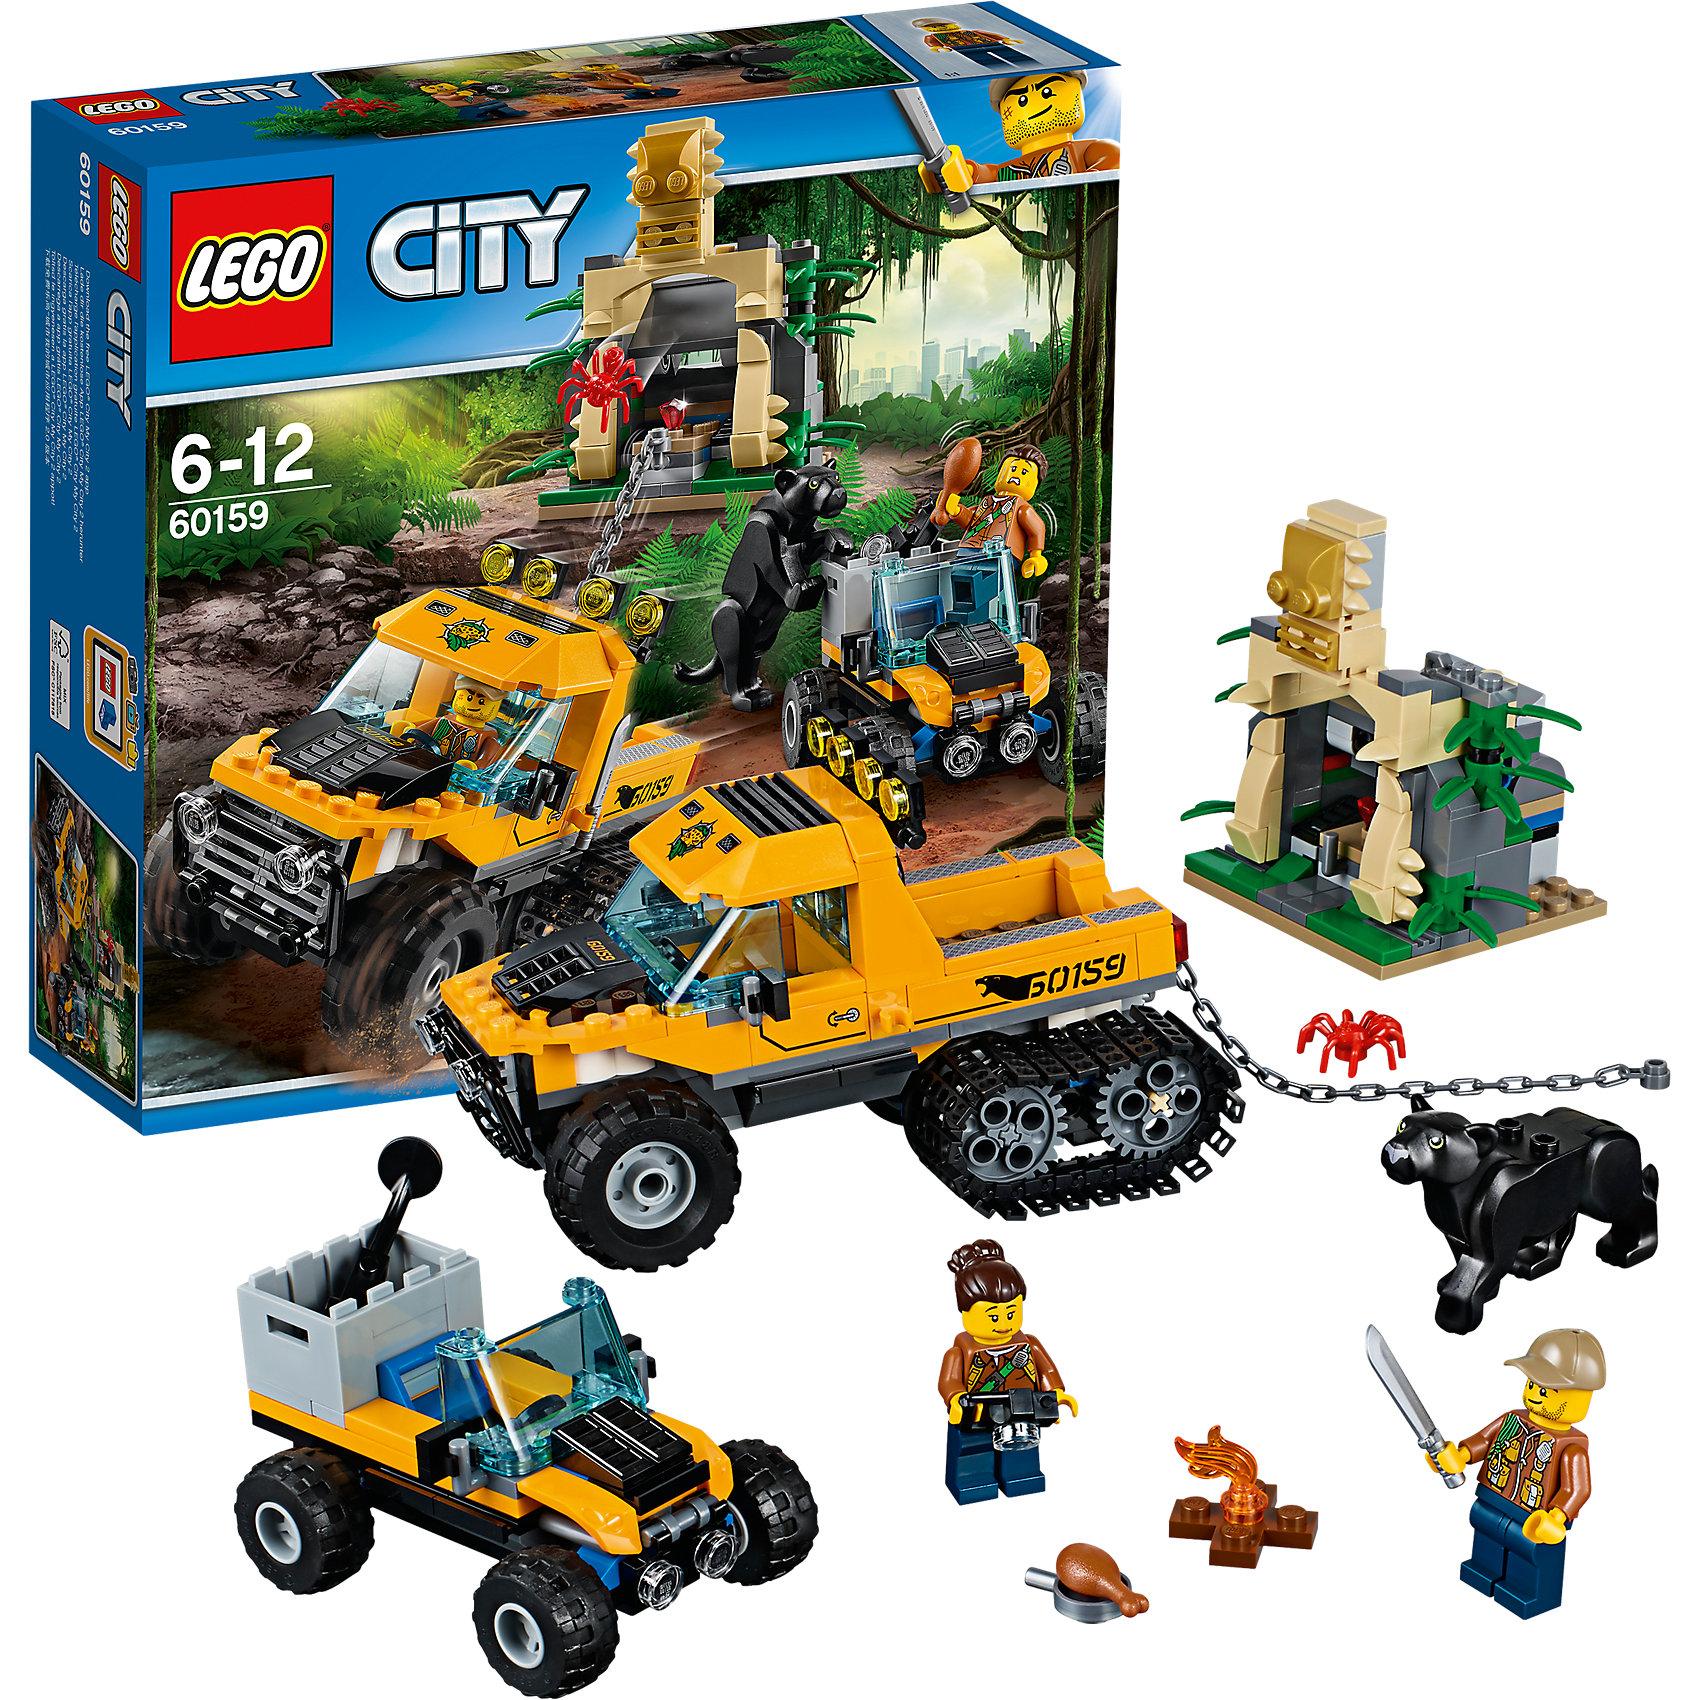 LEGO City 60159: Миссия Исследование джунглейПластмассовые конструкторы<br><br><br>Ширина мм: 285<br>Глубина мм: 263<br>Высота мм: 81<br>Вес г: 569<br>Возраст от месяцев: 72<br>Возраст до месяцев: 144<br>Пол: Мужской<br>Возраст: Детский<br>SKU: 5620029